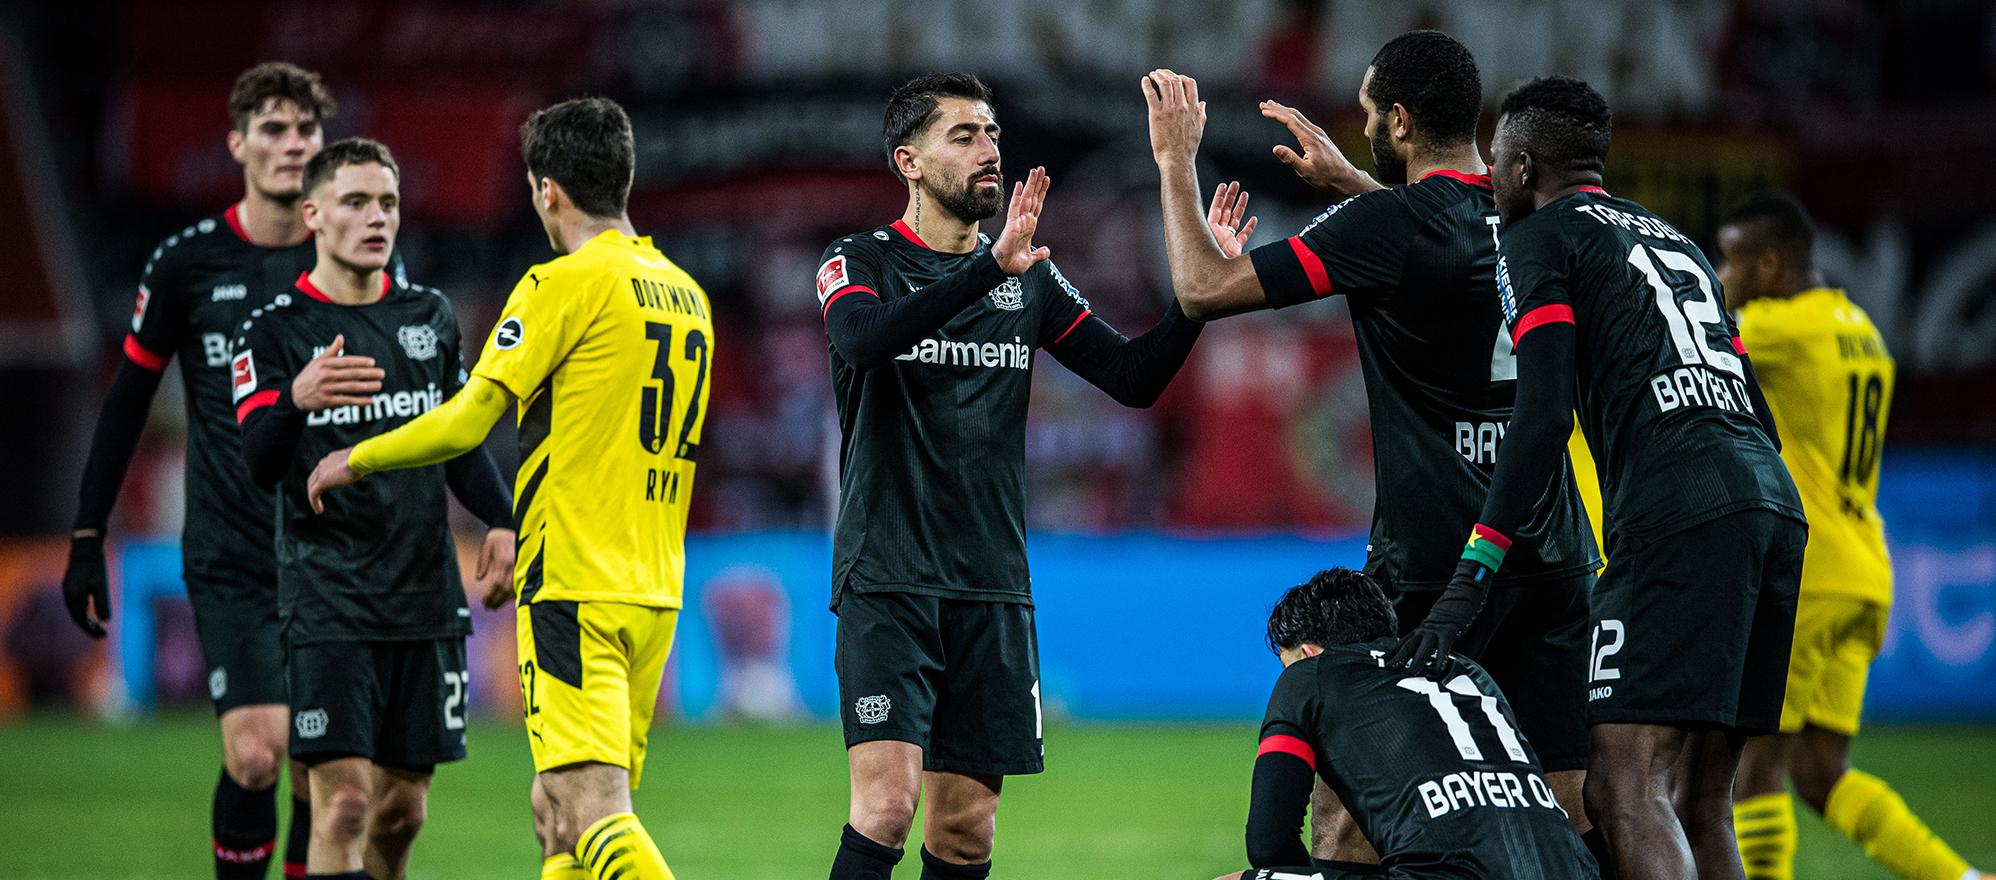 SPITCH-Vorschau zum 21. Spieltag: Passgenau in die Gewinnzone